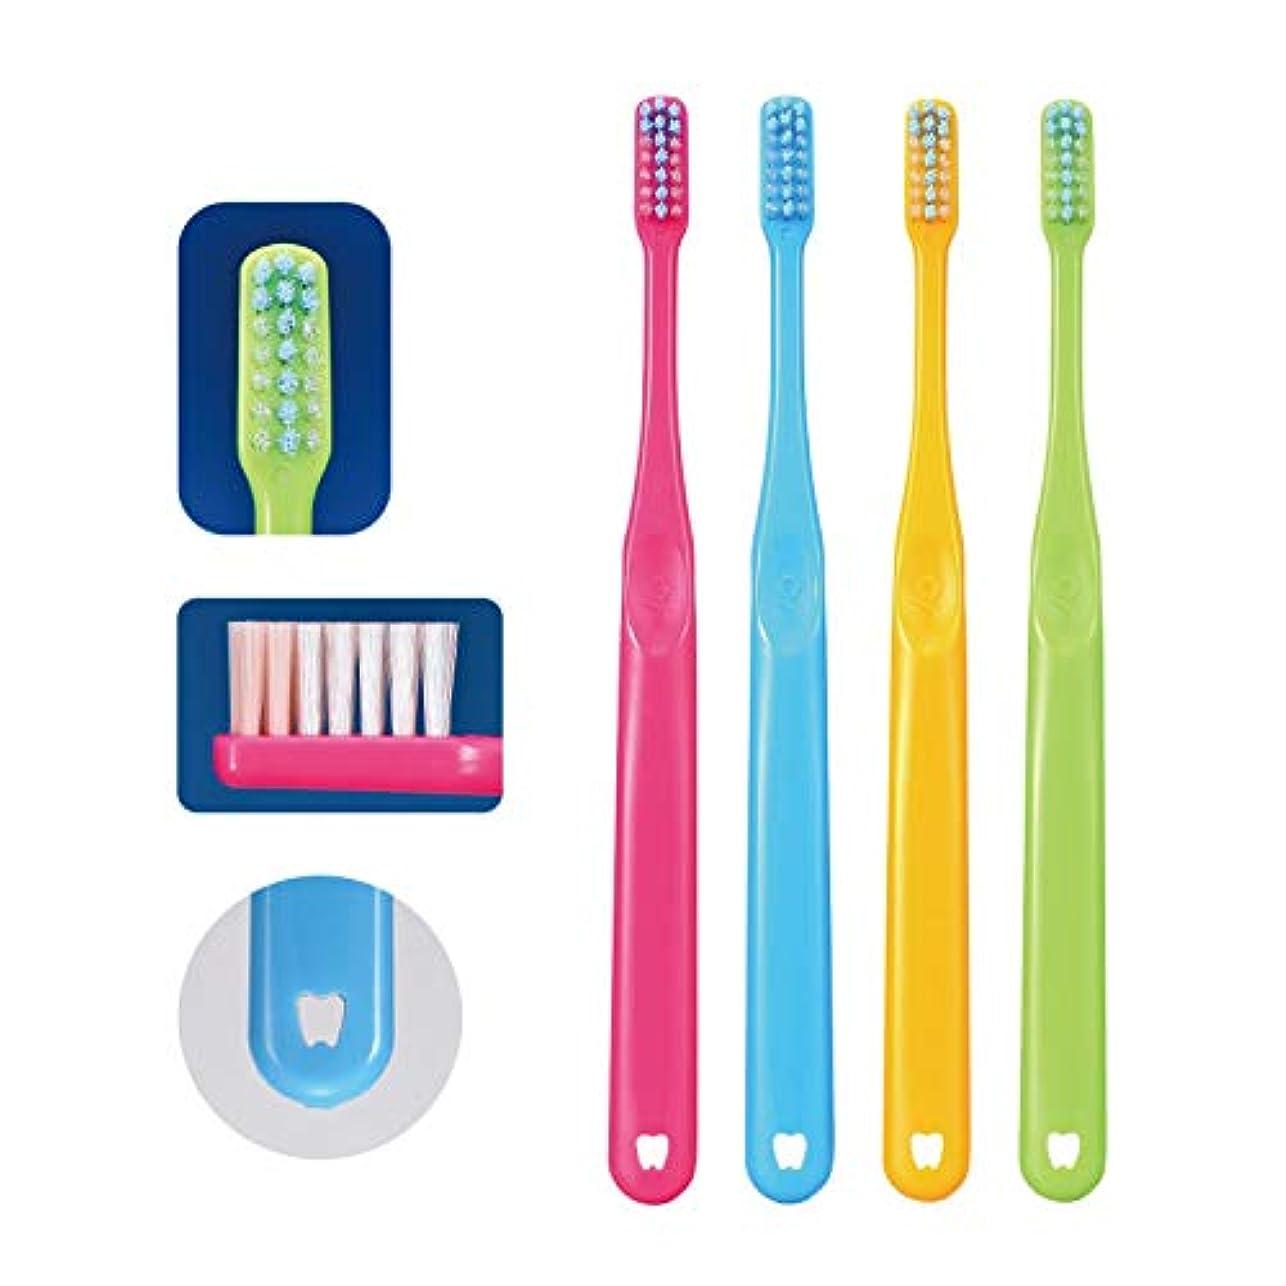 スリット牧師無心Ci PRO PLUS プロプラス 歯ブラシ 20本 M(ふつう) 日本製 プラーク除去 歯科専売品